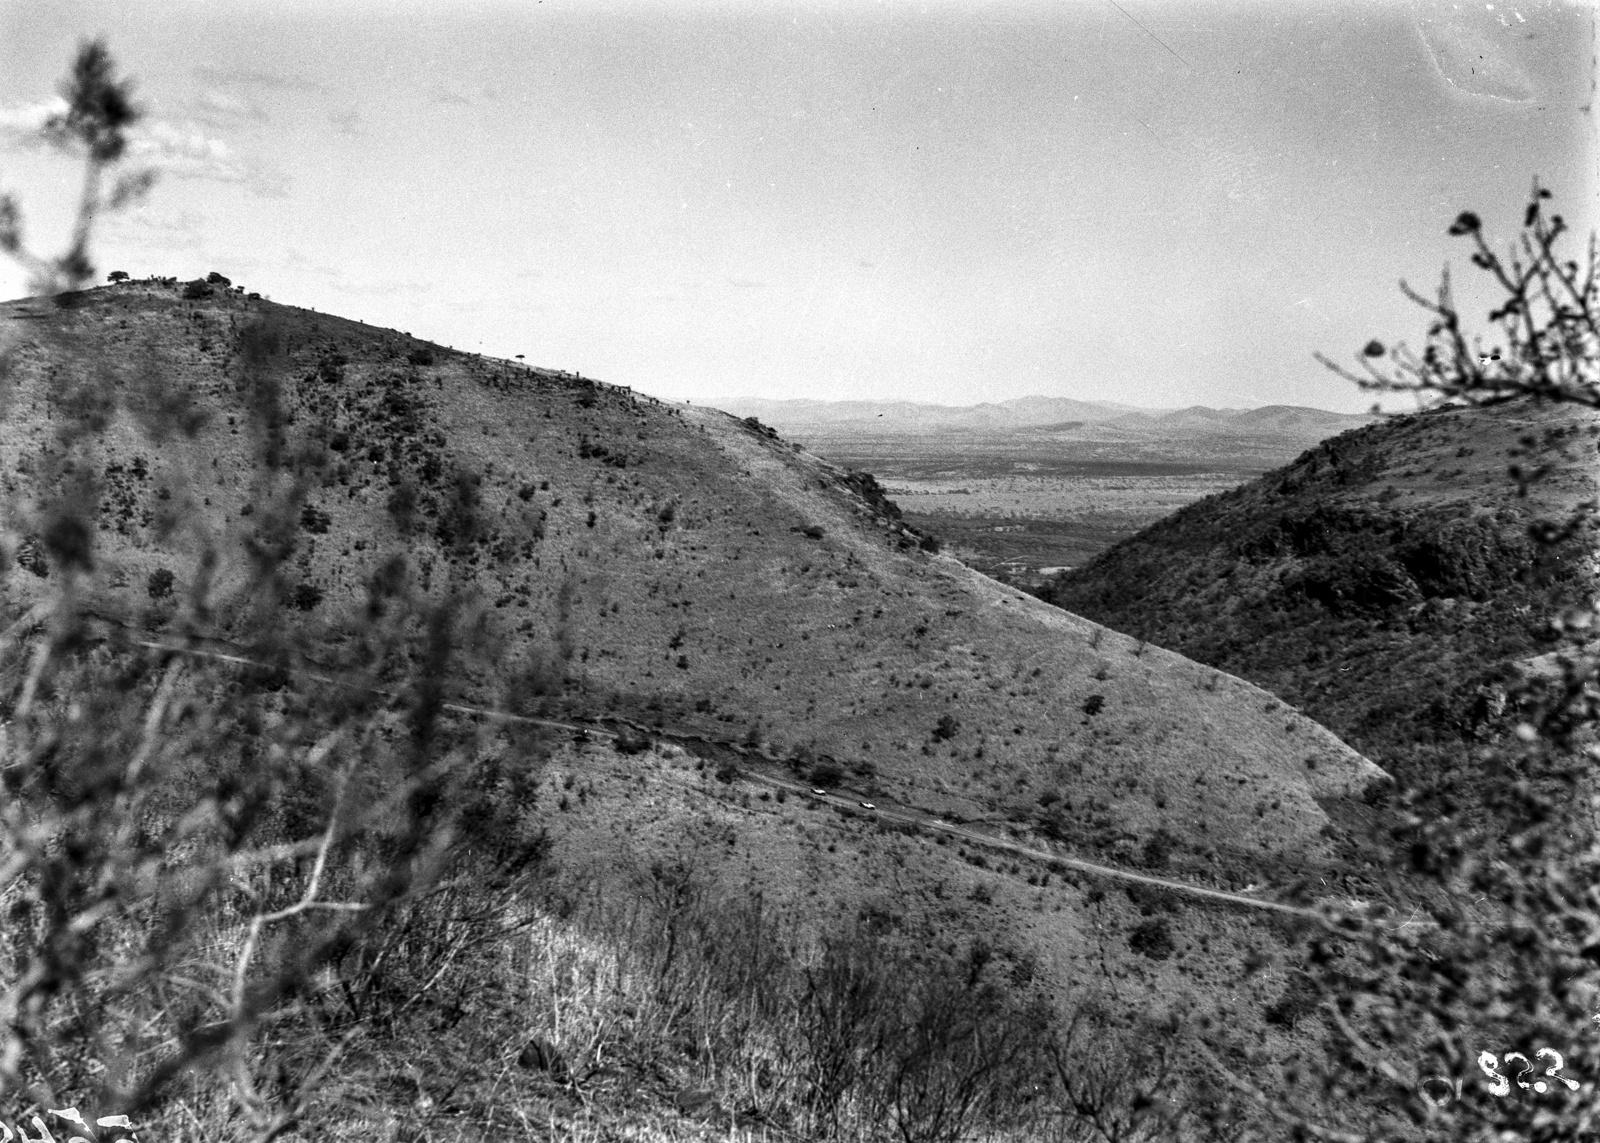 Южно-Африканский Союз. Квазулу-Наталь. Машины экспедиции спускаются по склону горы